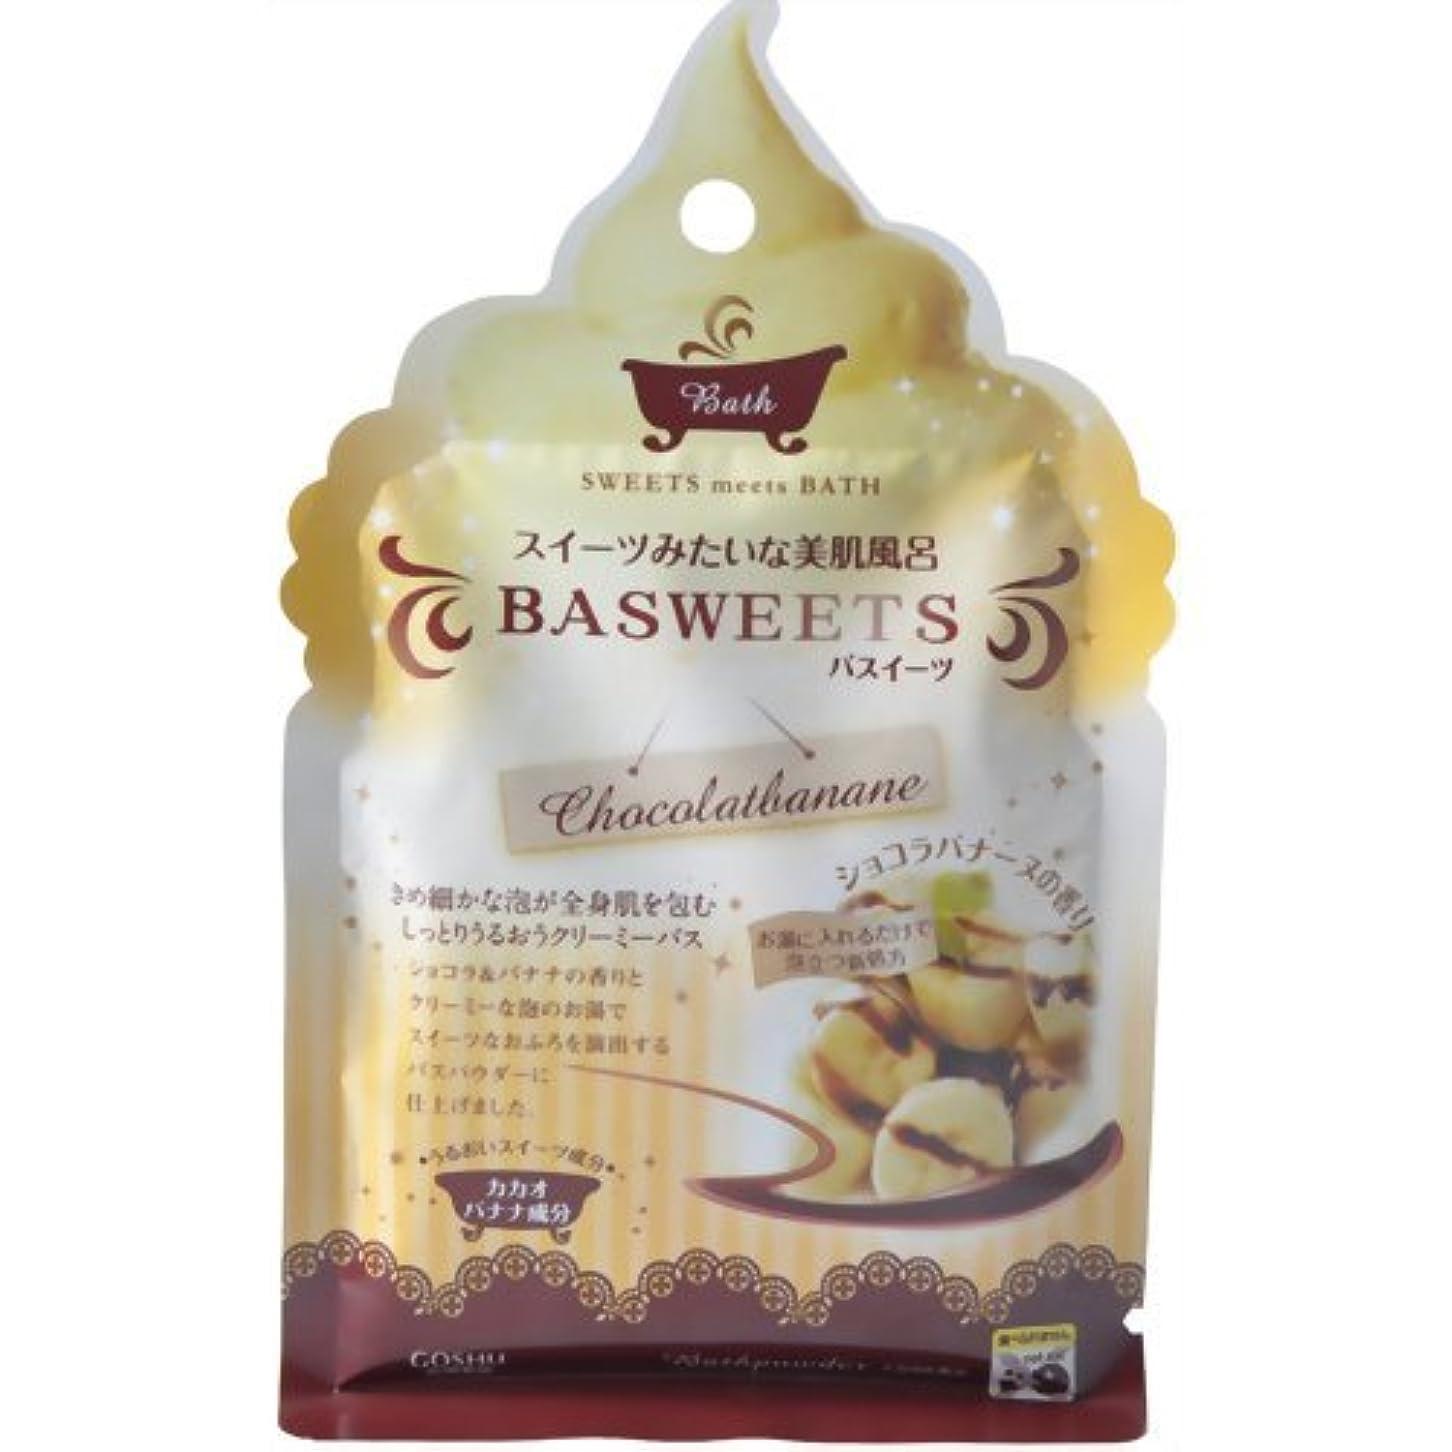 円周千そよ風バスイーツ ショコラバナーヌの香り 50g(入浴剤)